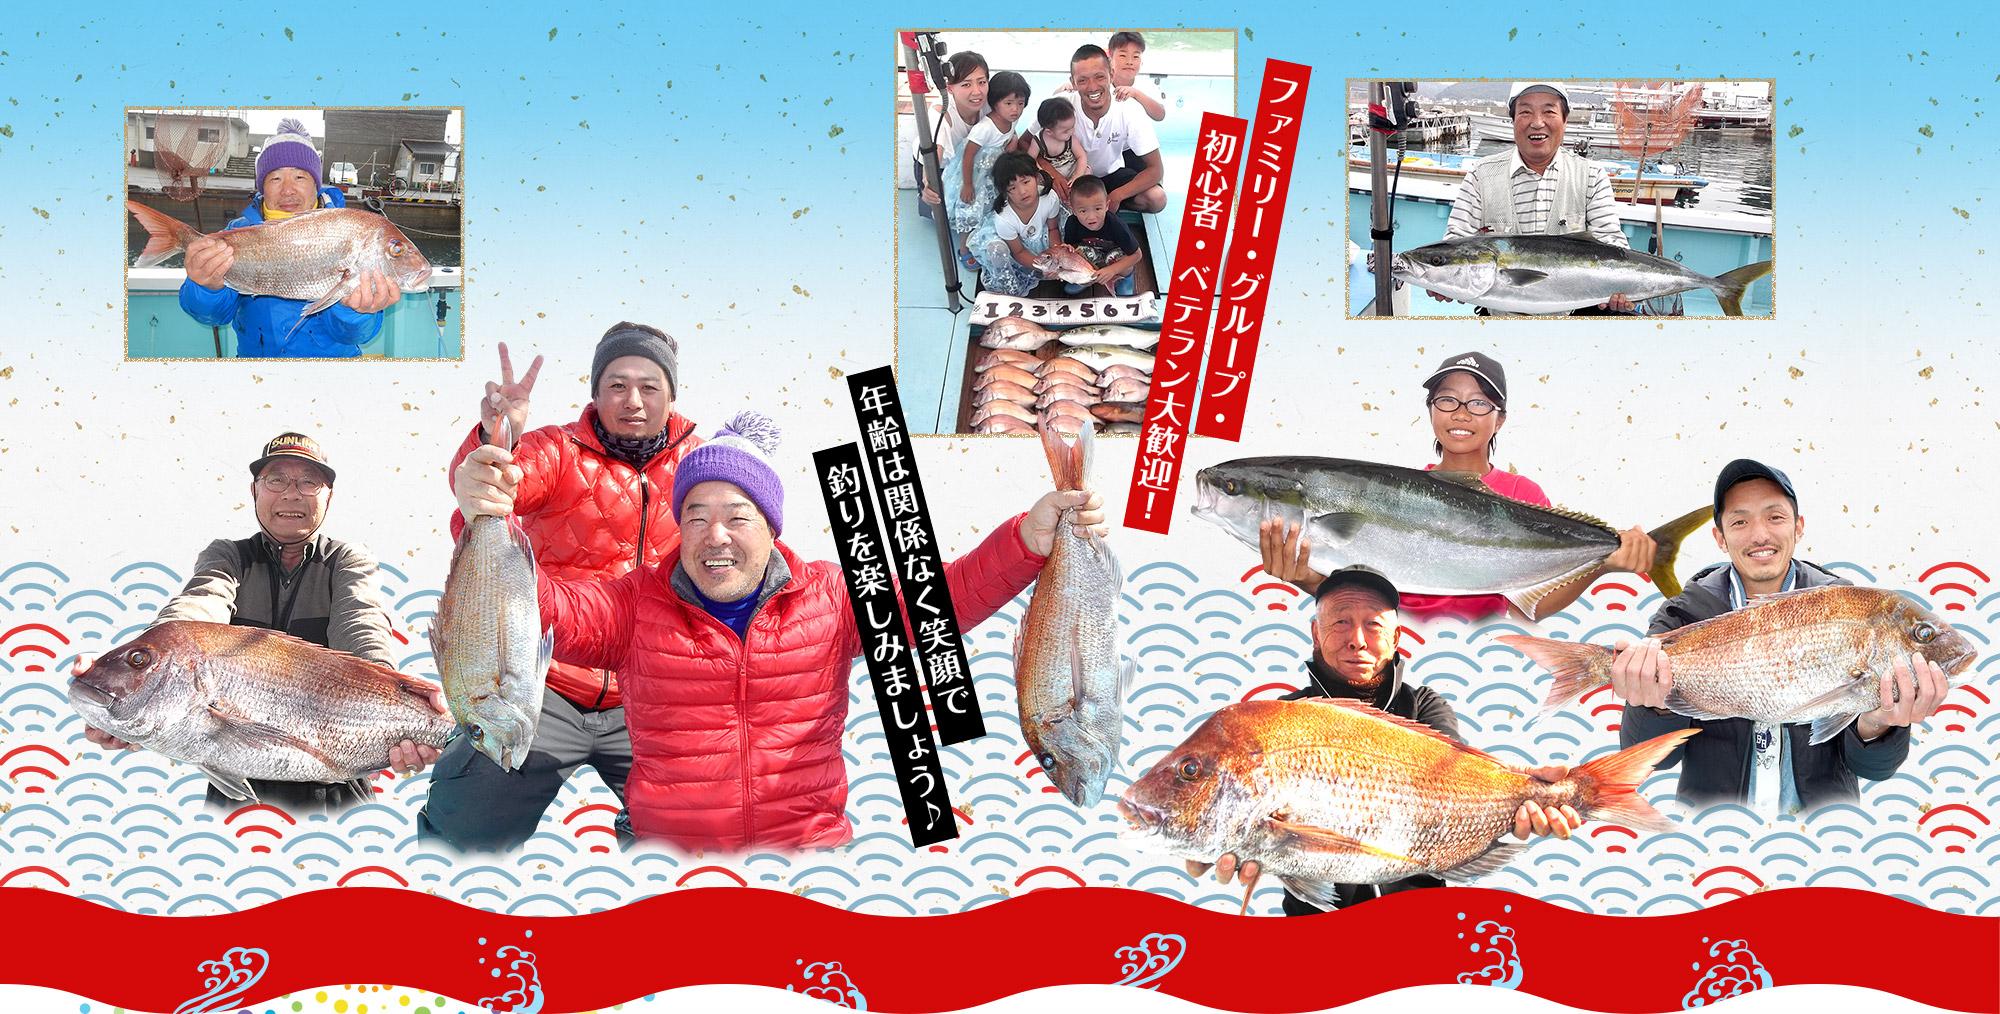 ファミリー・グループ・初心者・ベテラン大歓迎! 年齢は関係なく笑顔で釣りを楽しみましょう♪